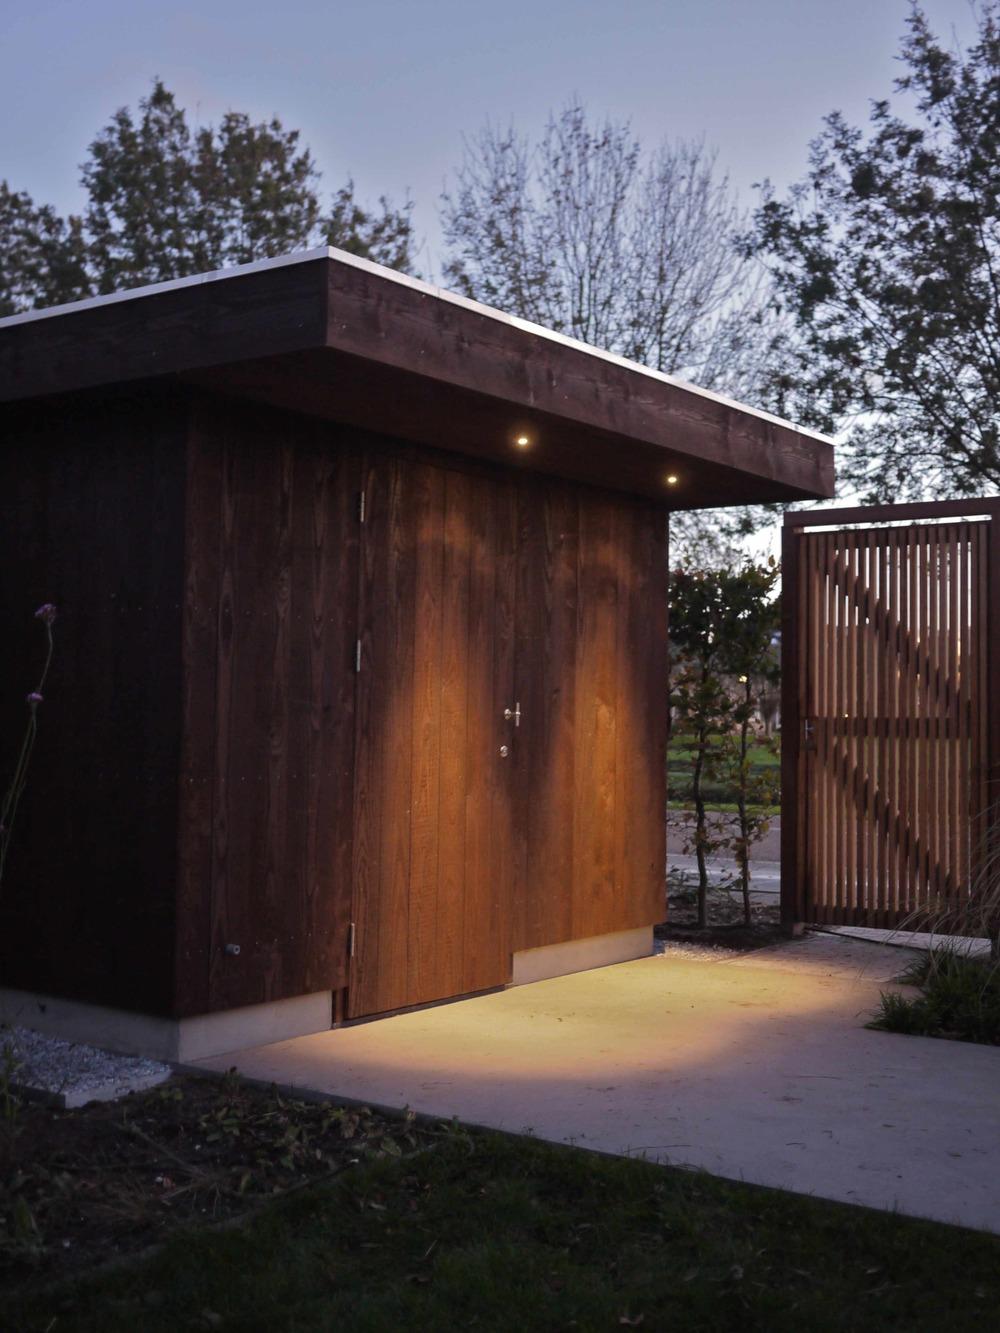 buitenverlichting tuinhuis.jpg